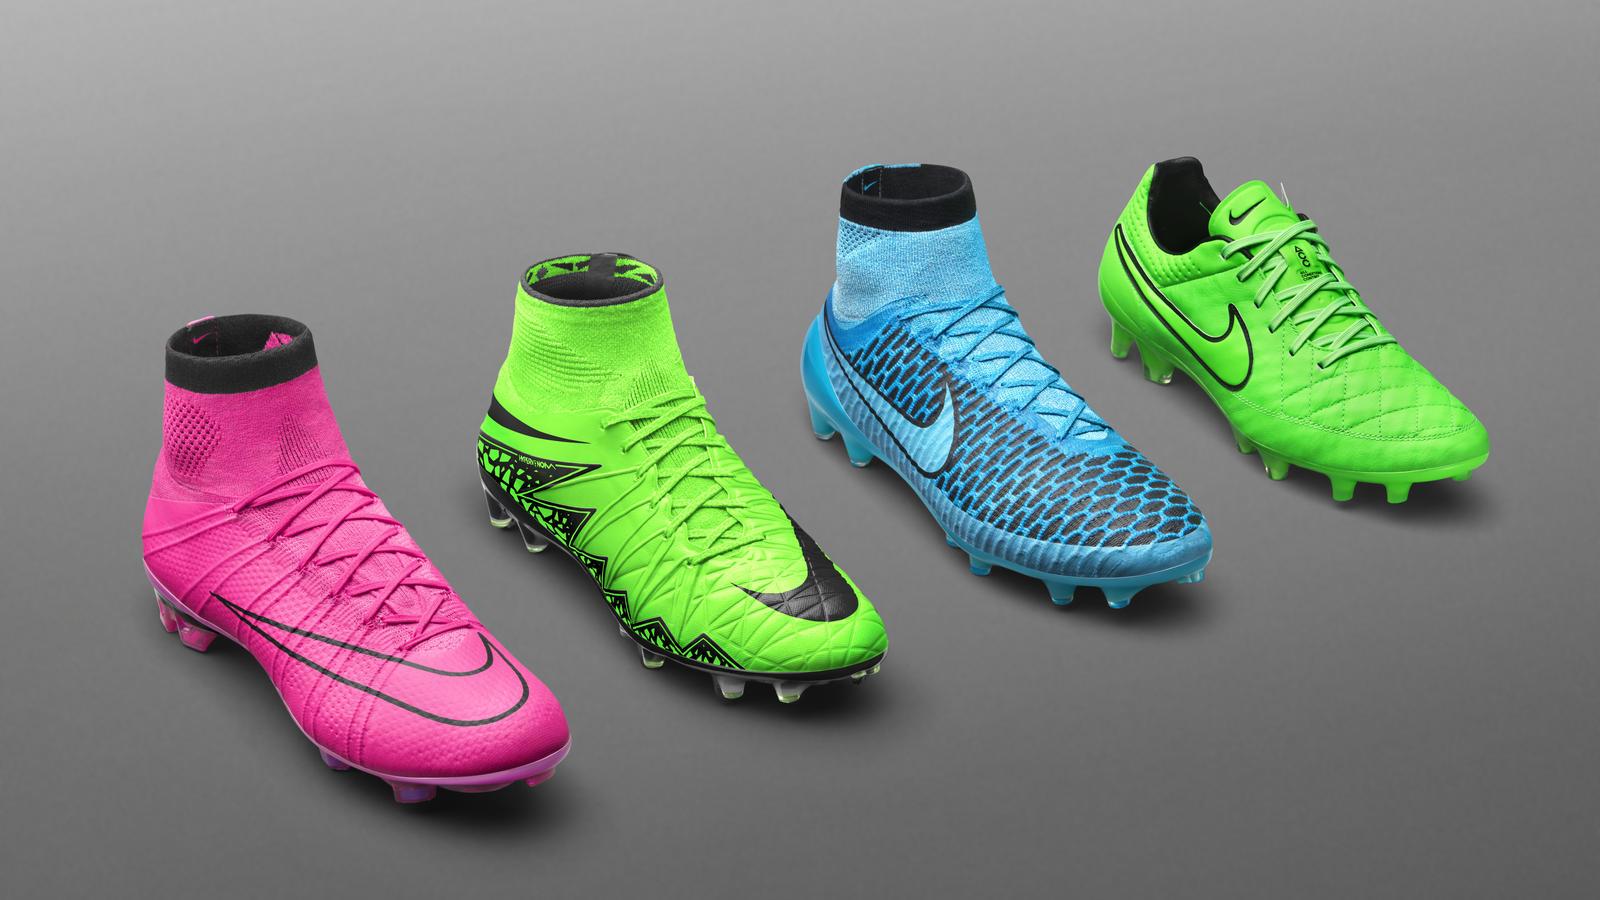 aed69419c37c8 Nike apresenta novas cores de chuteiras - Nike News